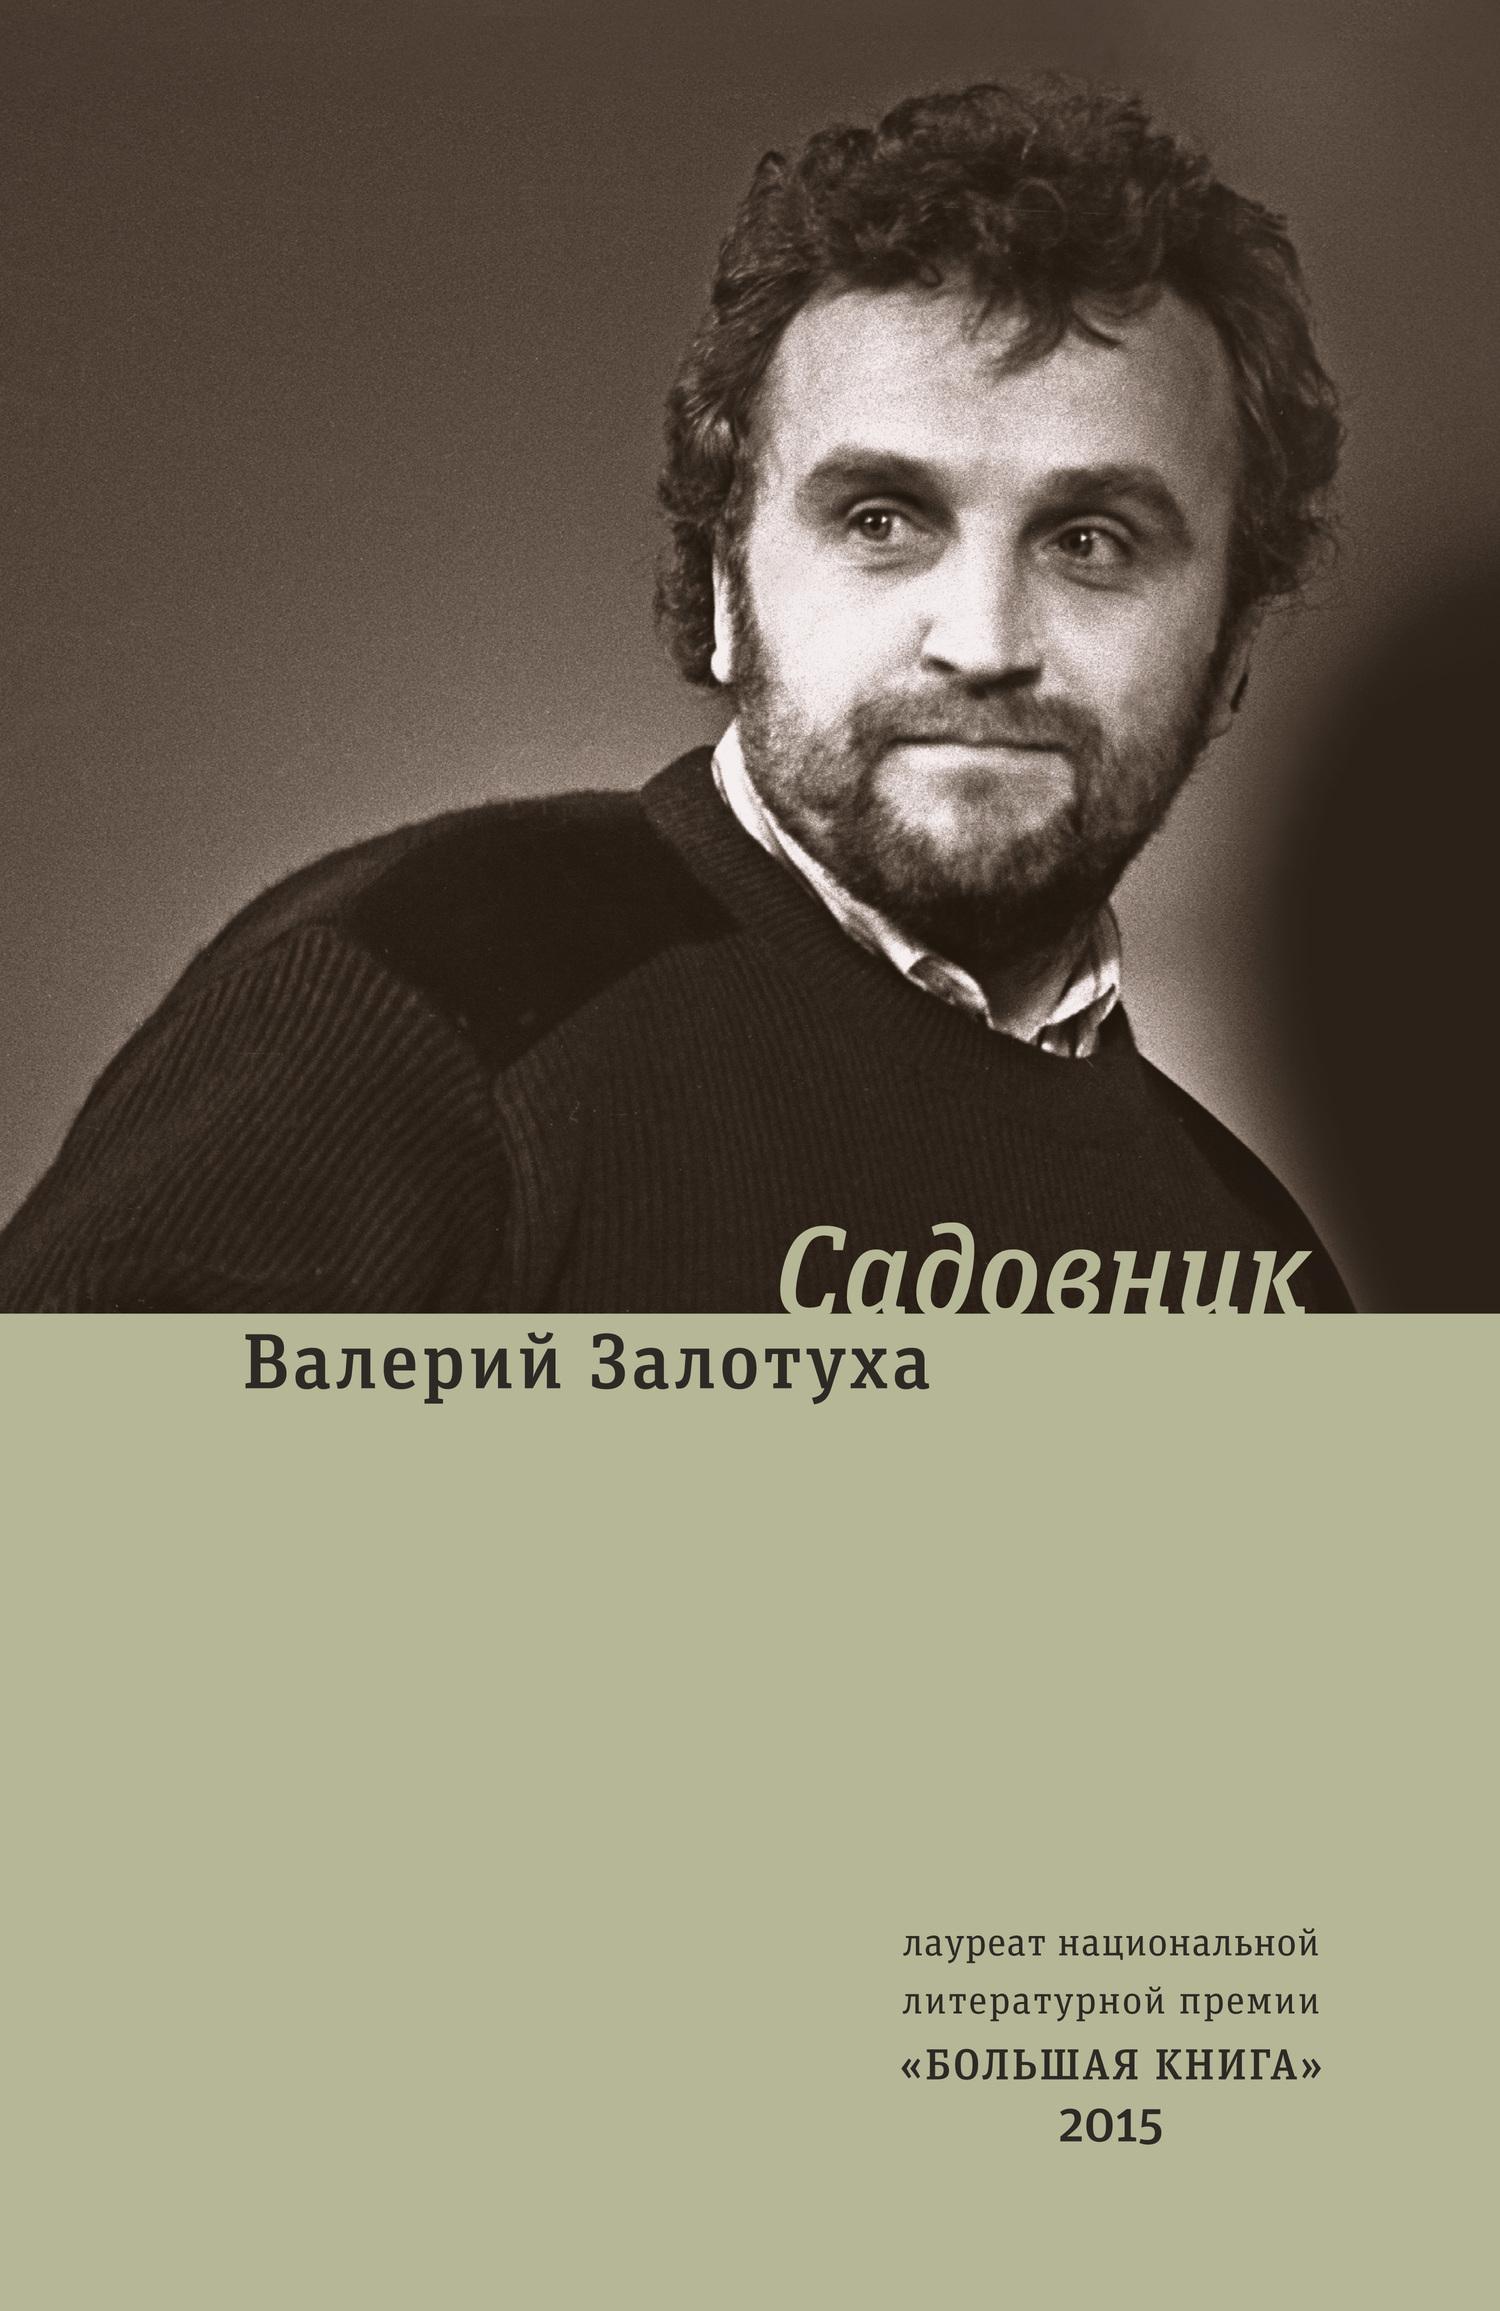 Обложка книги Садовник (сборник), автор Валерий Залотуха